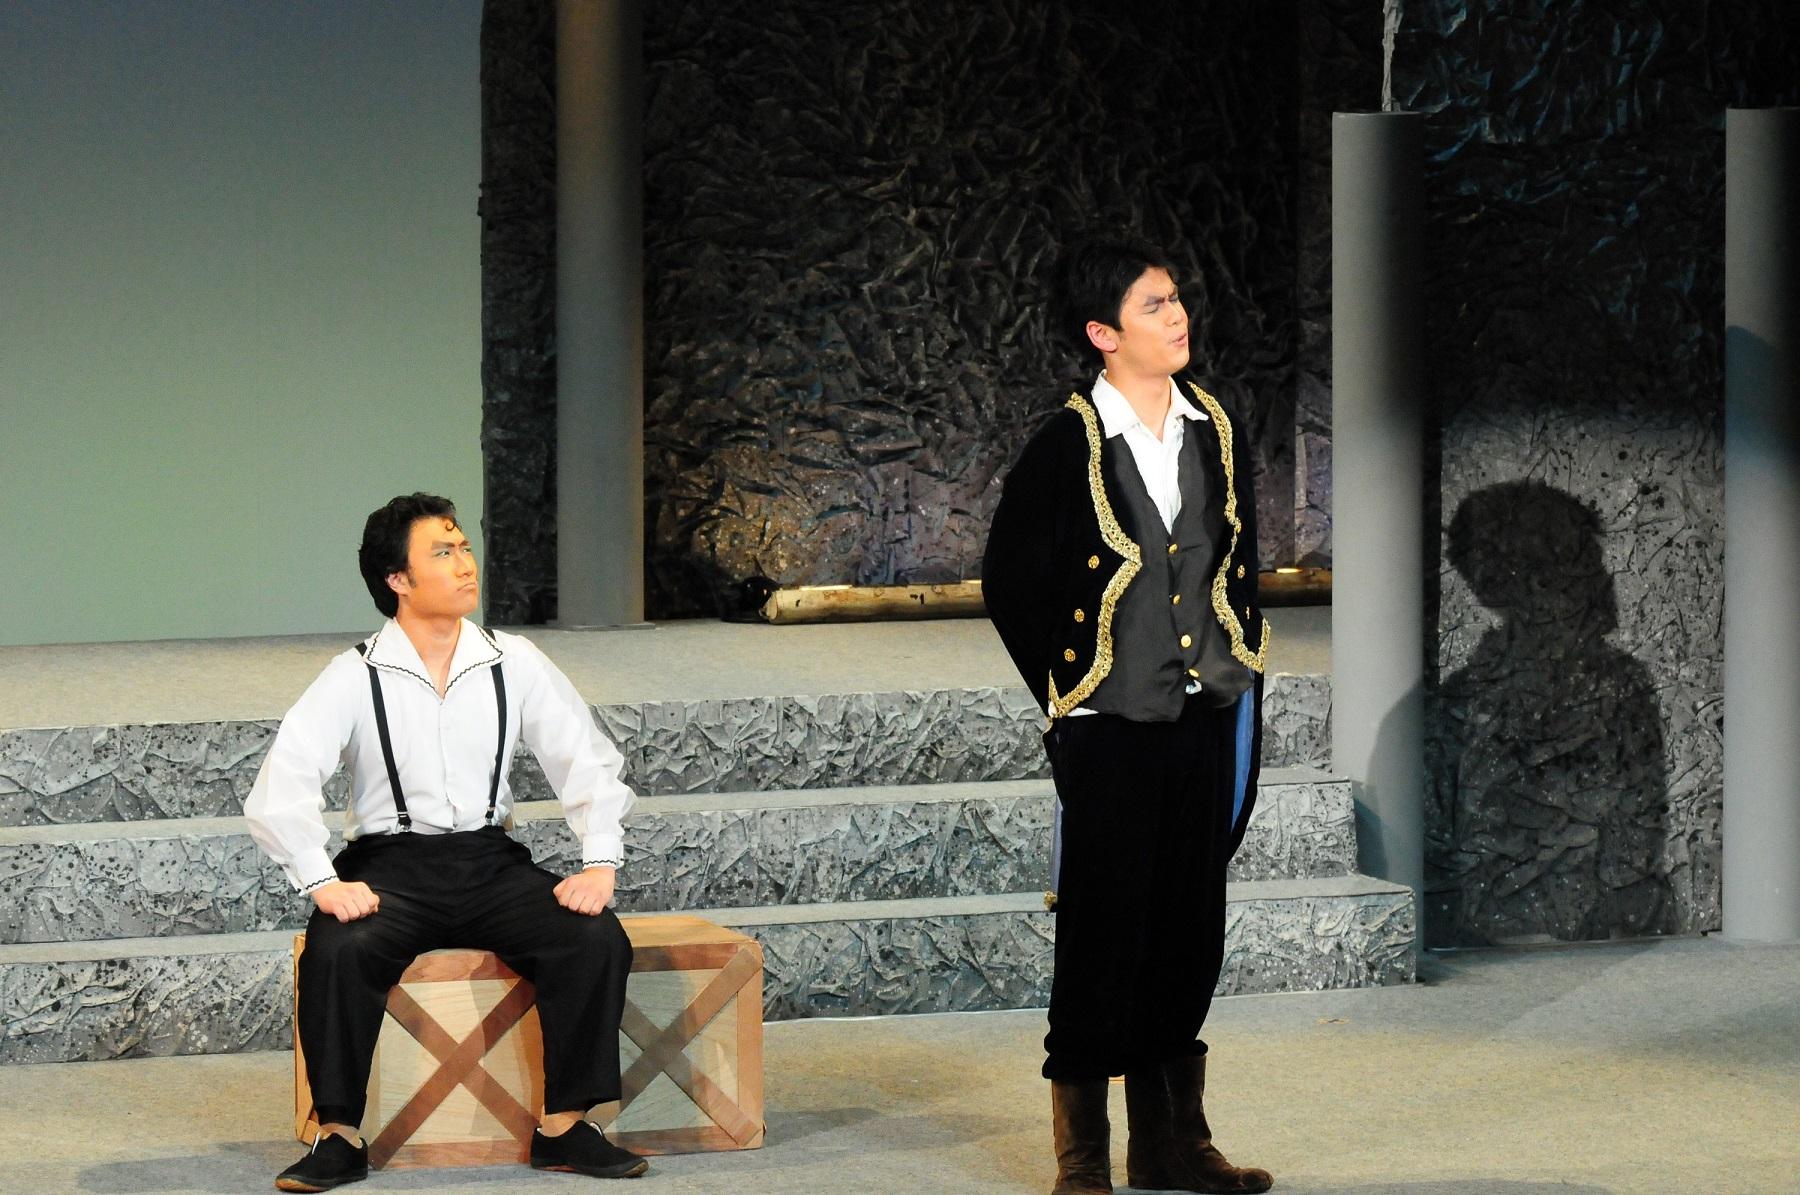 第63回シェイクスピア英語劇「ロミオとジュリエット」~大学生がシェイクスピアを英語原文で演じる――関東学院大学